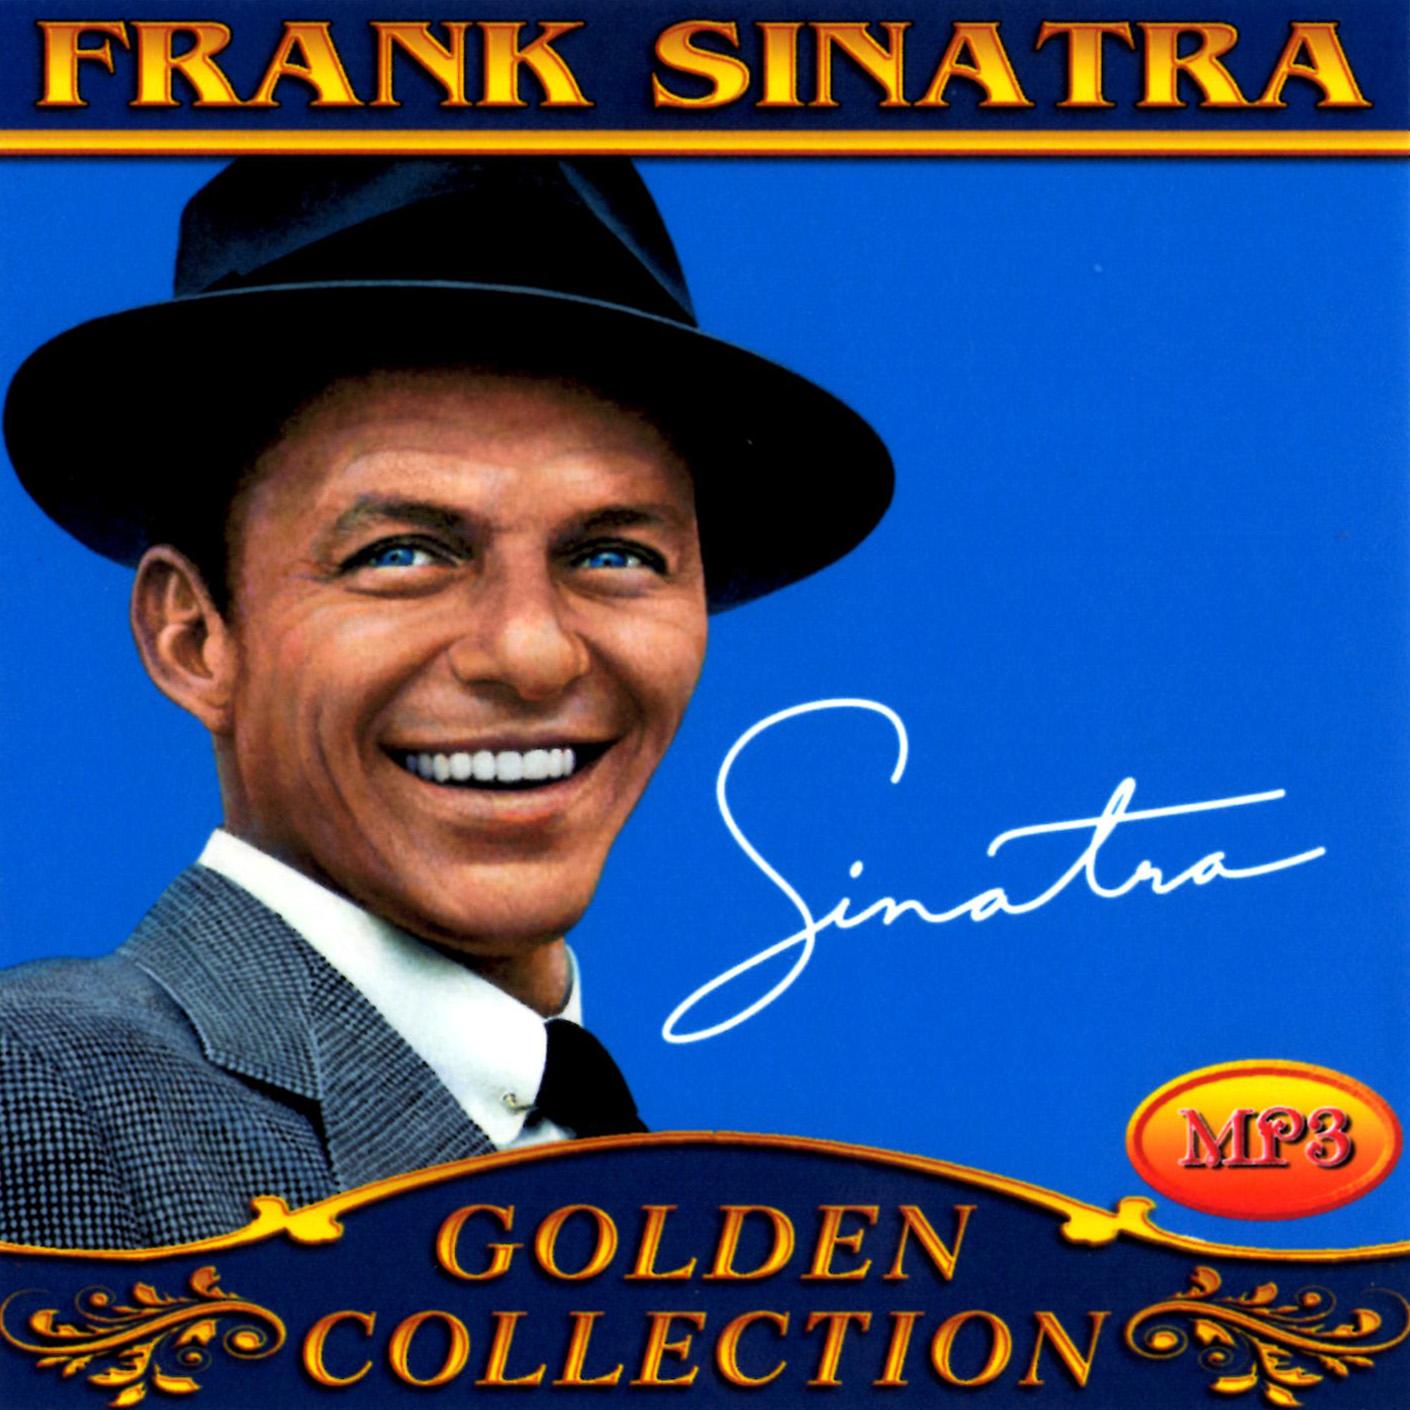 Frank Sinatra [mp3]